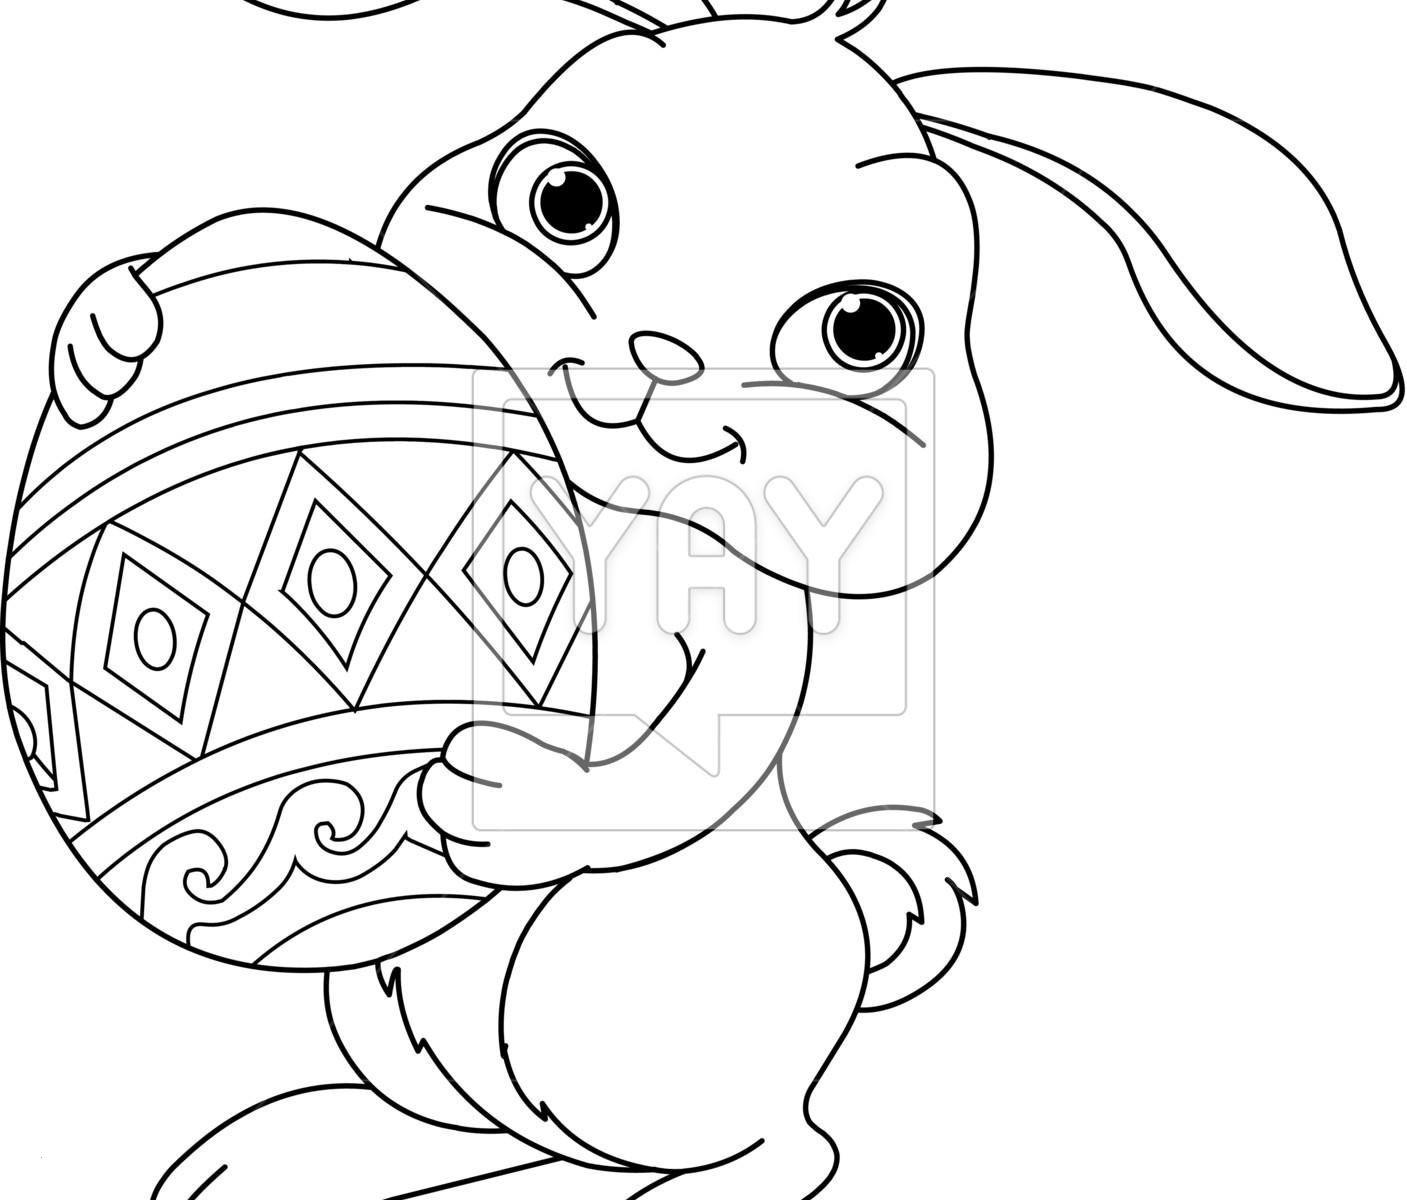 Ausmalbilder Bugs Bunny Frisch 48 Schön Malvorlagen Bugs Bunny Malvorlagen Sammlungen Bilder